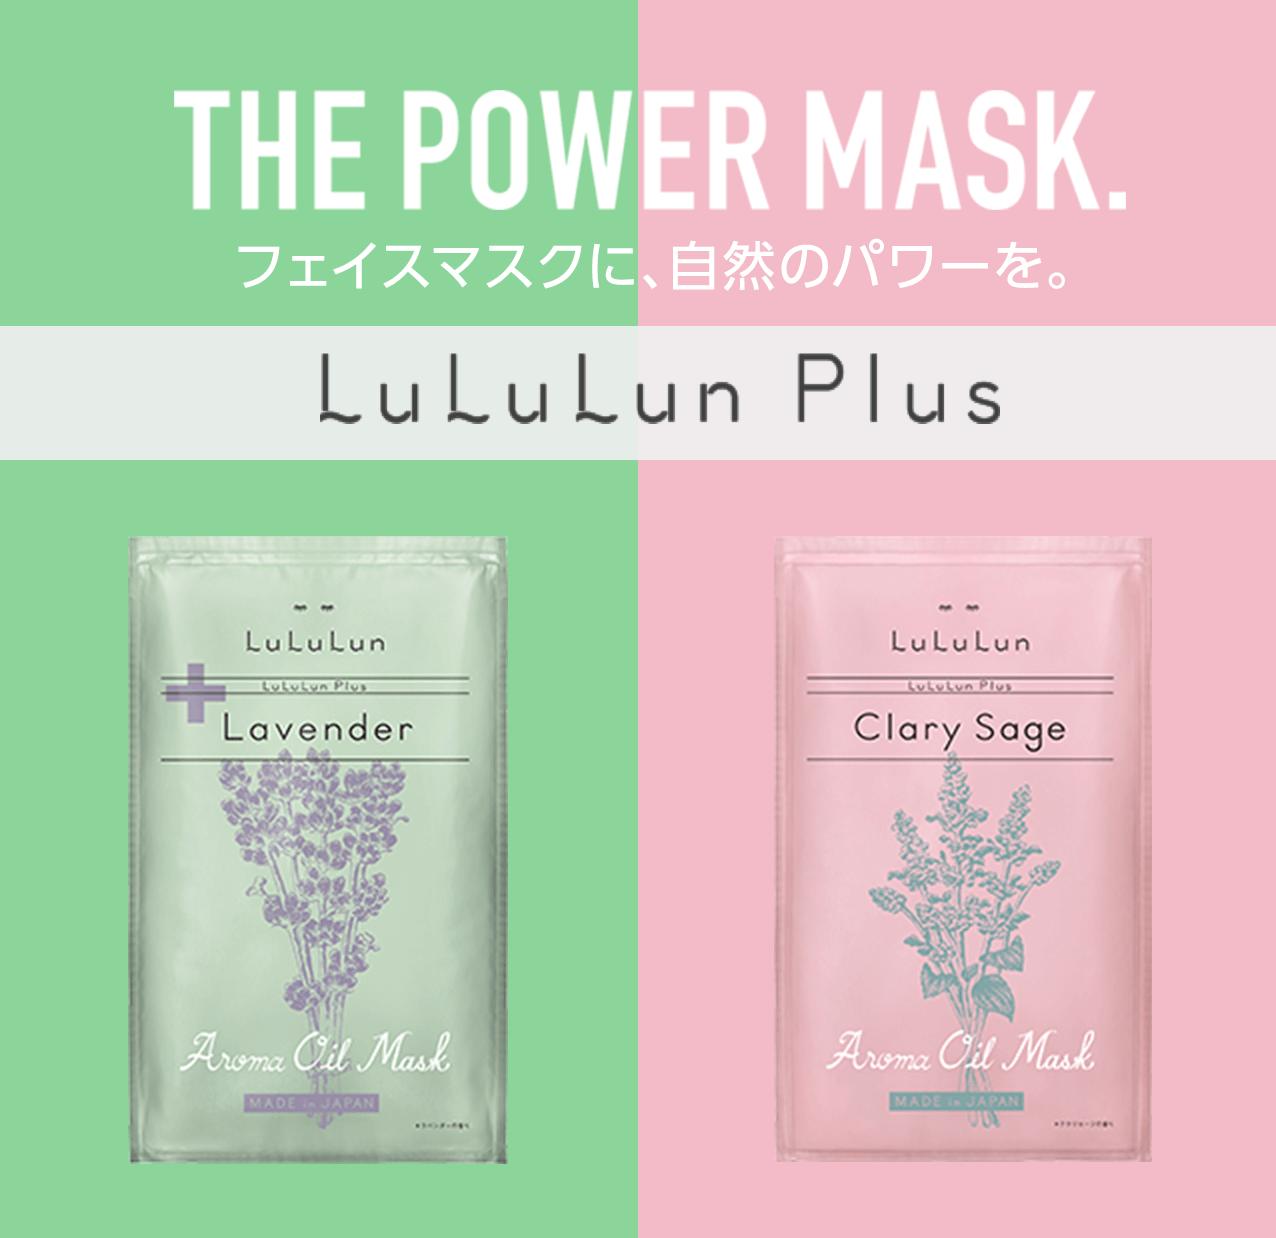 THE POWER MASKファイスマスクに、自然のパワーを。LuLuLun Plus